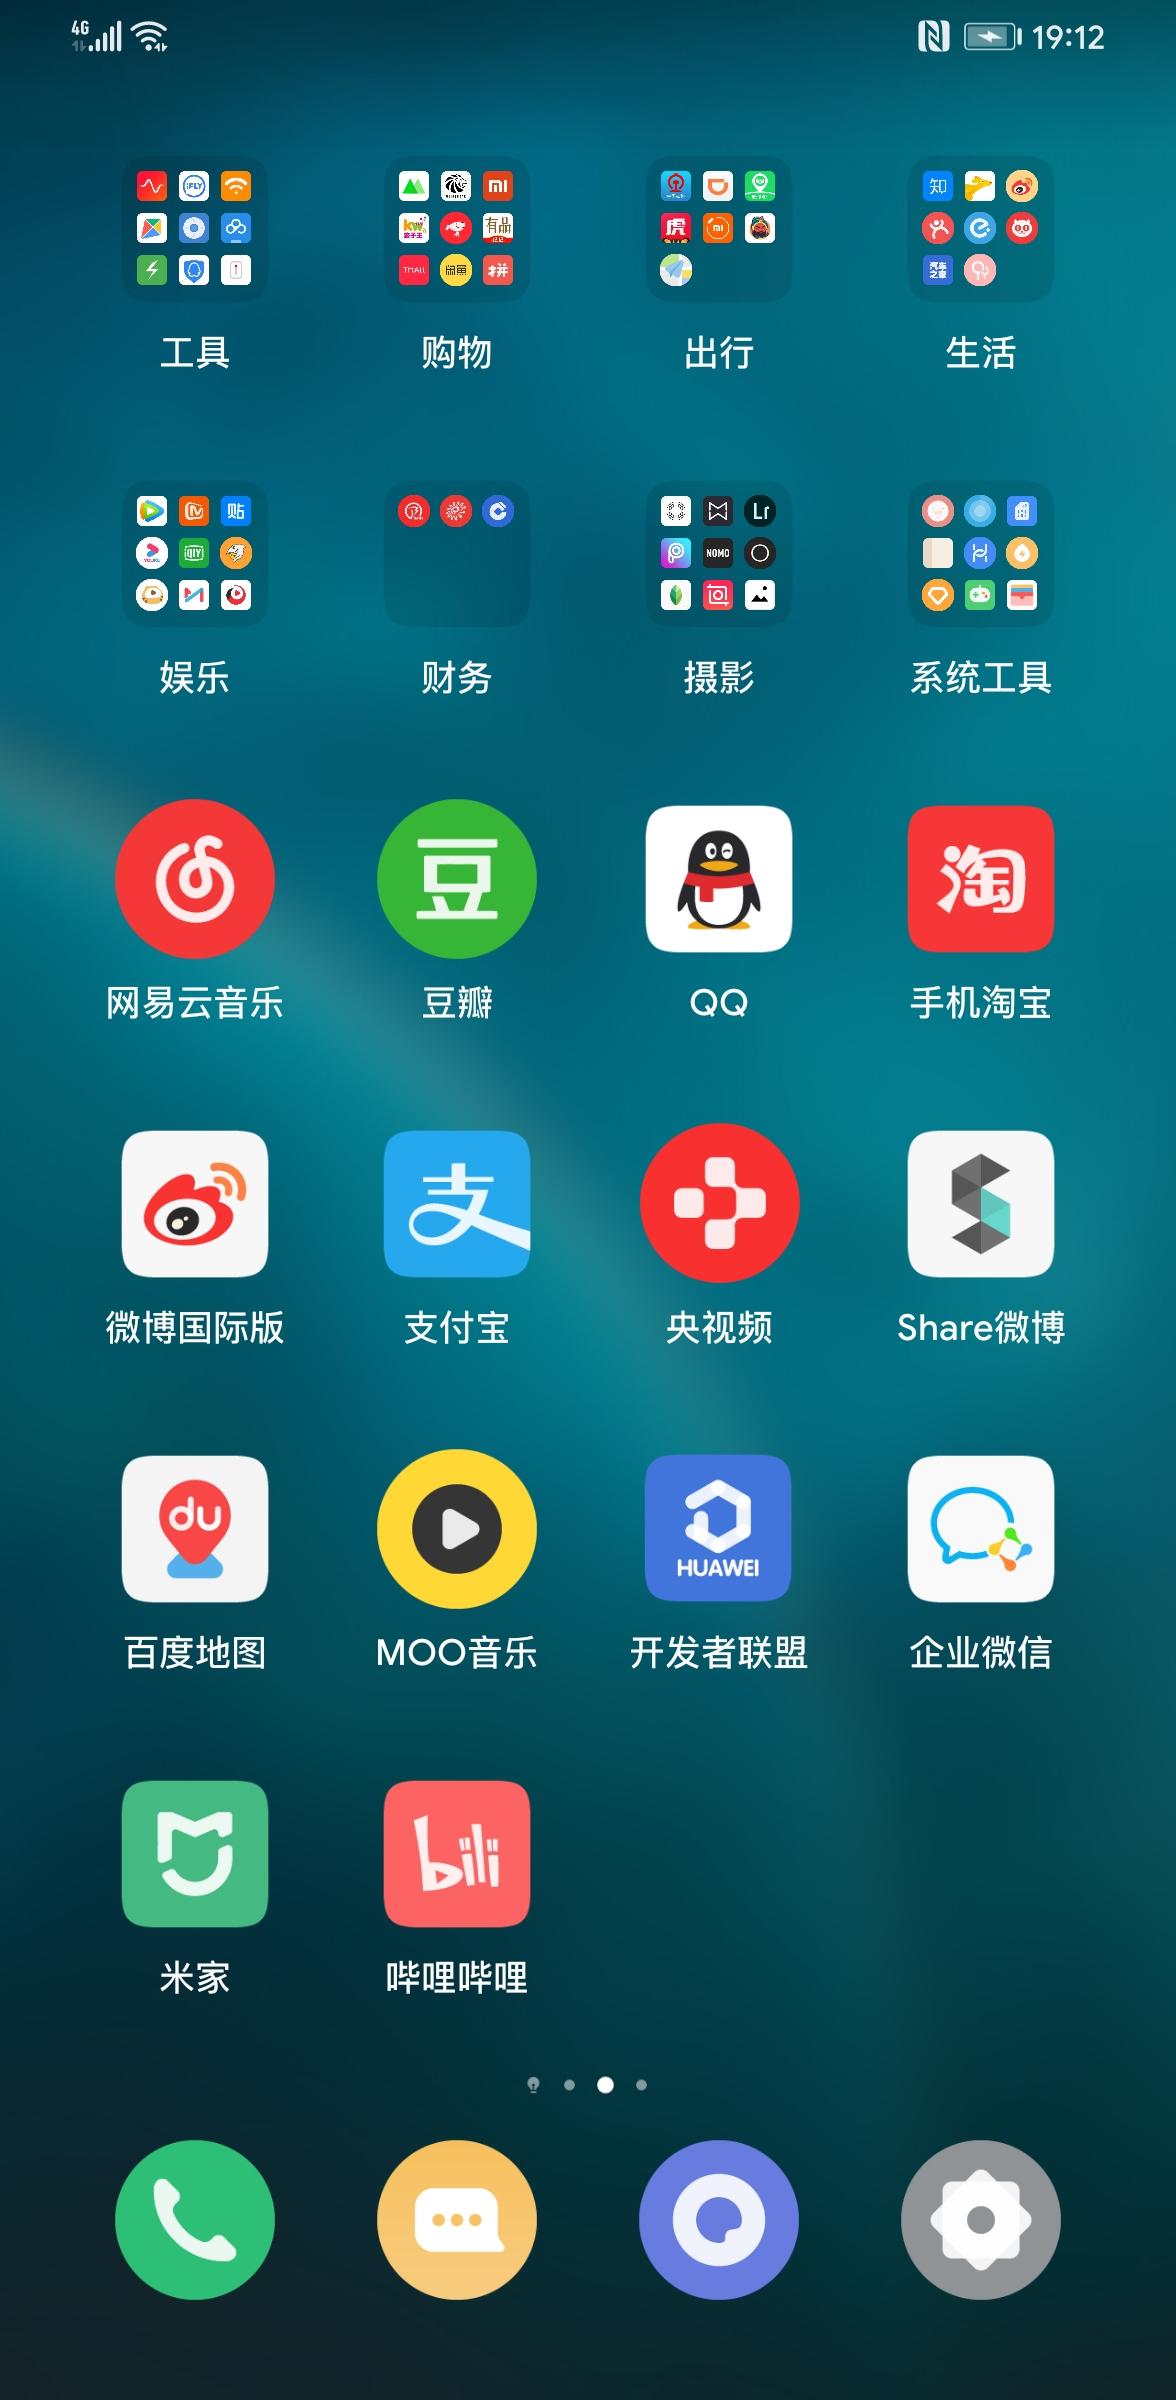 Screenshot_20191204_191258_com.huawei.android.launcher.jpg